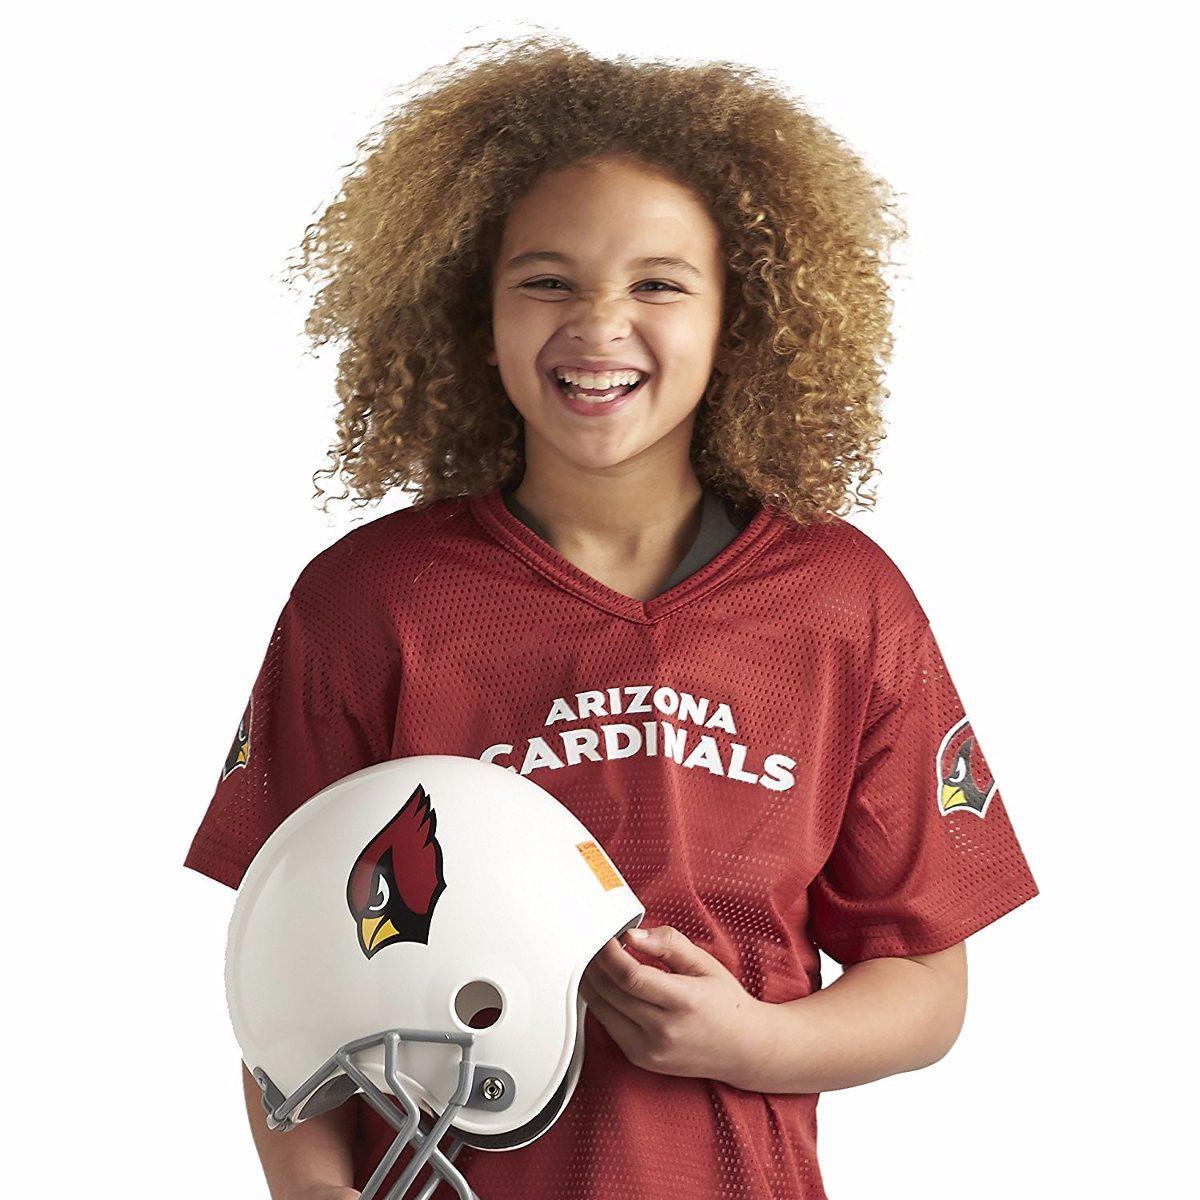 cfbcac0c1 franklin sports uniforme de lujo nfl 10-12 años cardinals. Cargando zoom.